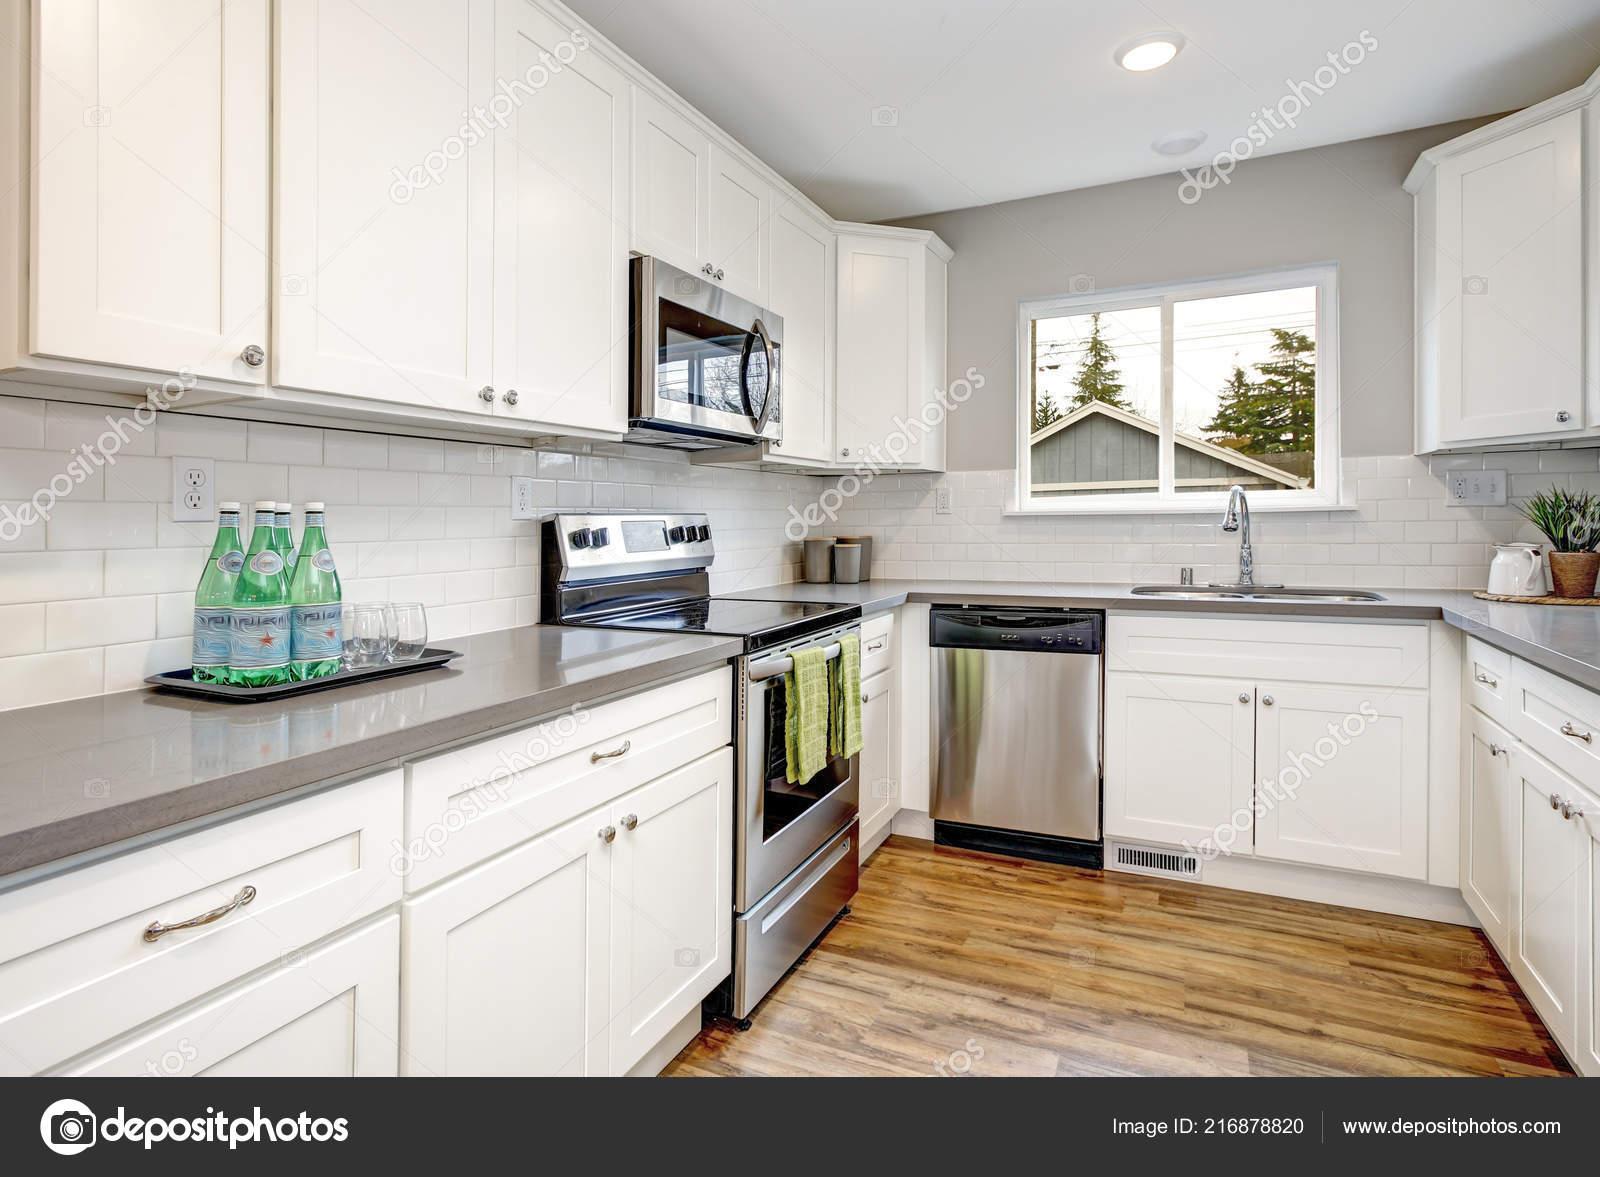 Sitio cocina blanca gris con electrodom sticos modernos acero inoxidable encimeras foto de - Cocina blanca encimera gris ...